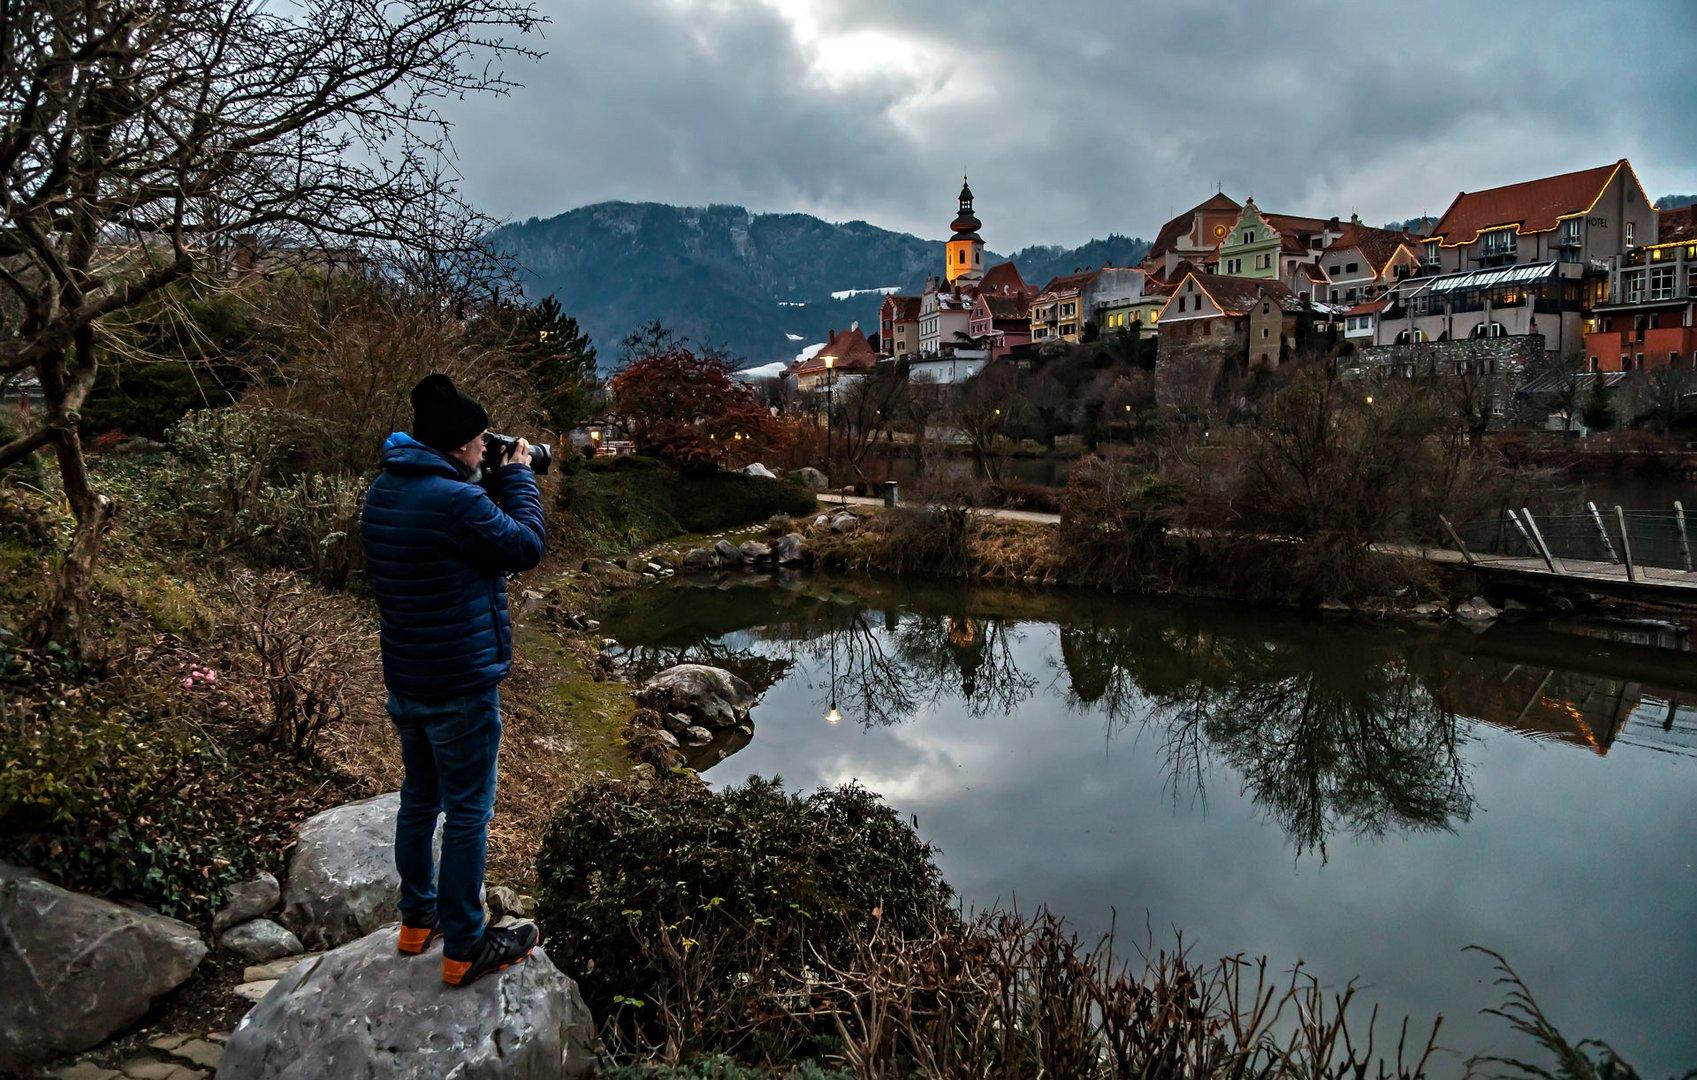 Stefan Kuba beim Fotografieren der abendlichen Stadtansicht von Frohnleiten!